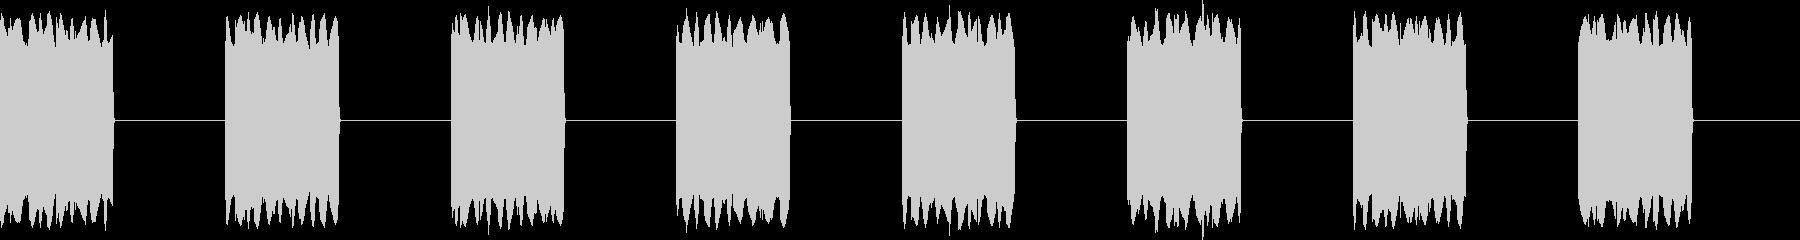 ピピピ...。携帯電話の着信音D(長め)の未再生の波形